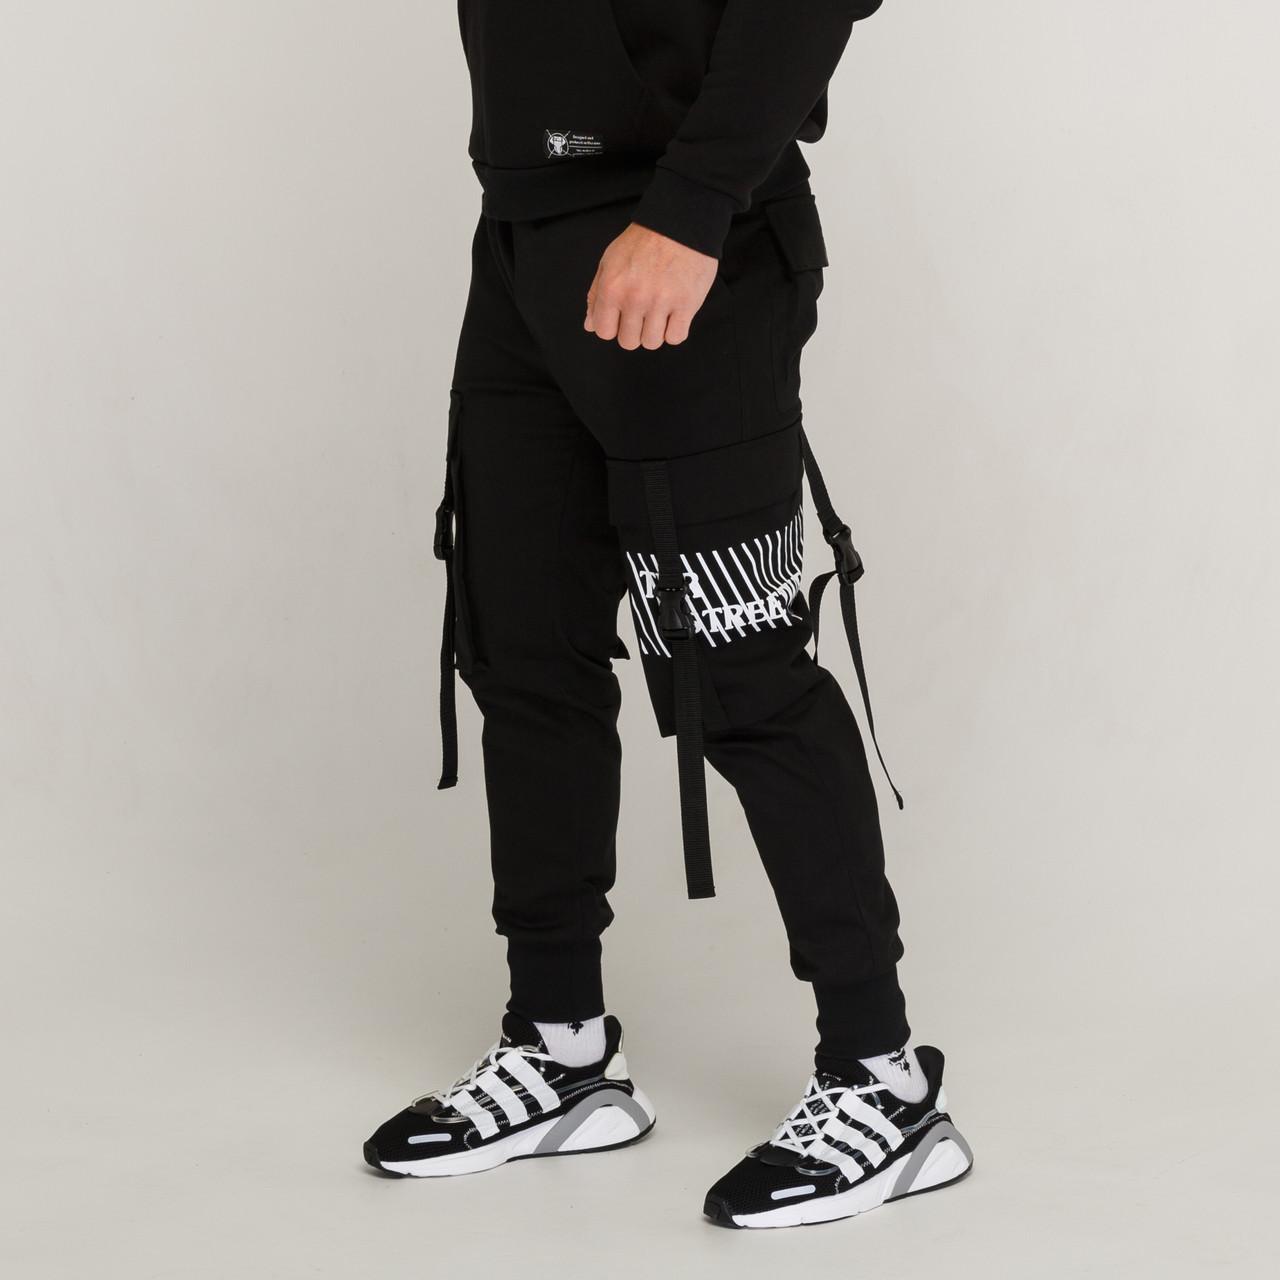 Карго штаны с лямками и принтом черные от бренда ТУР модель Ёсида (Yoshida)